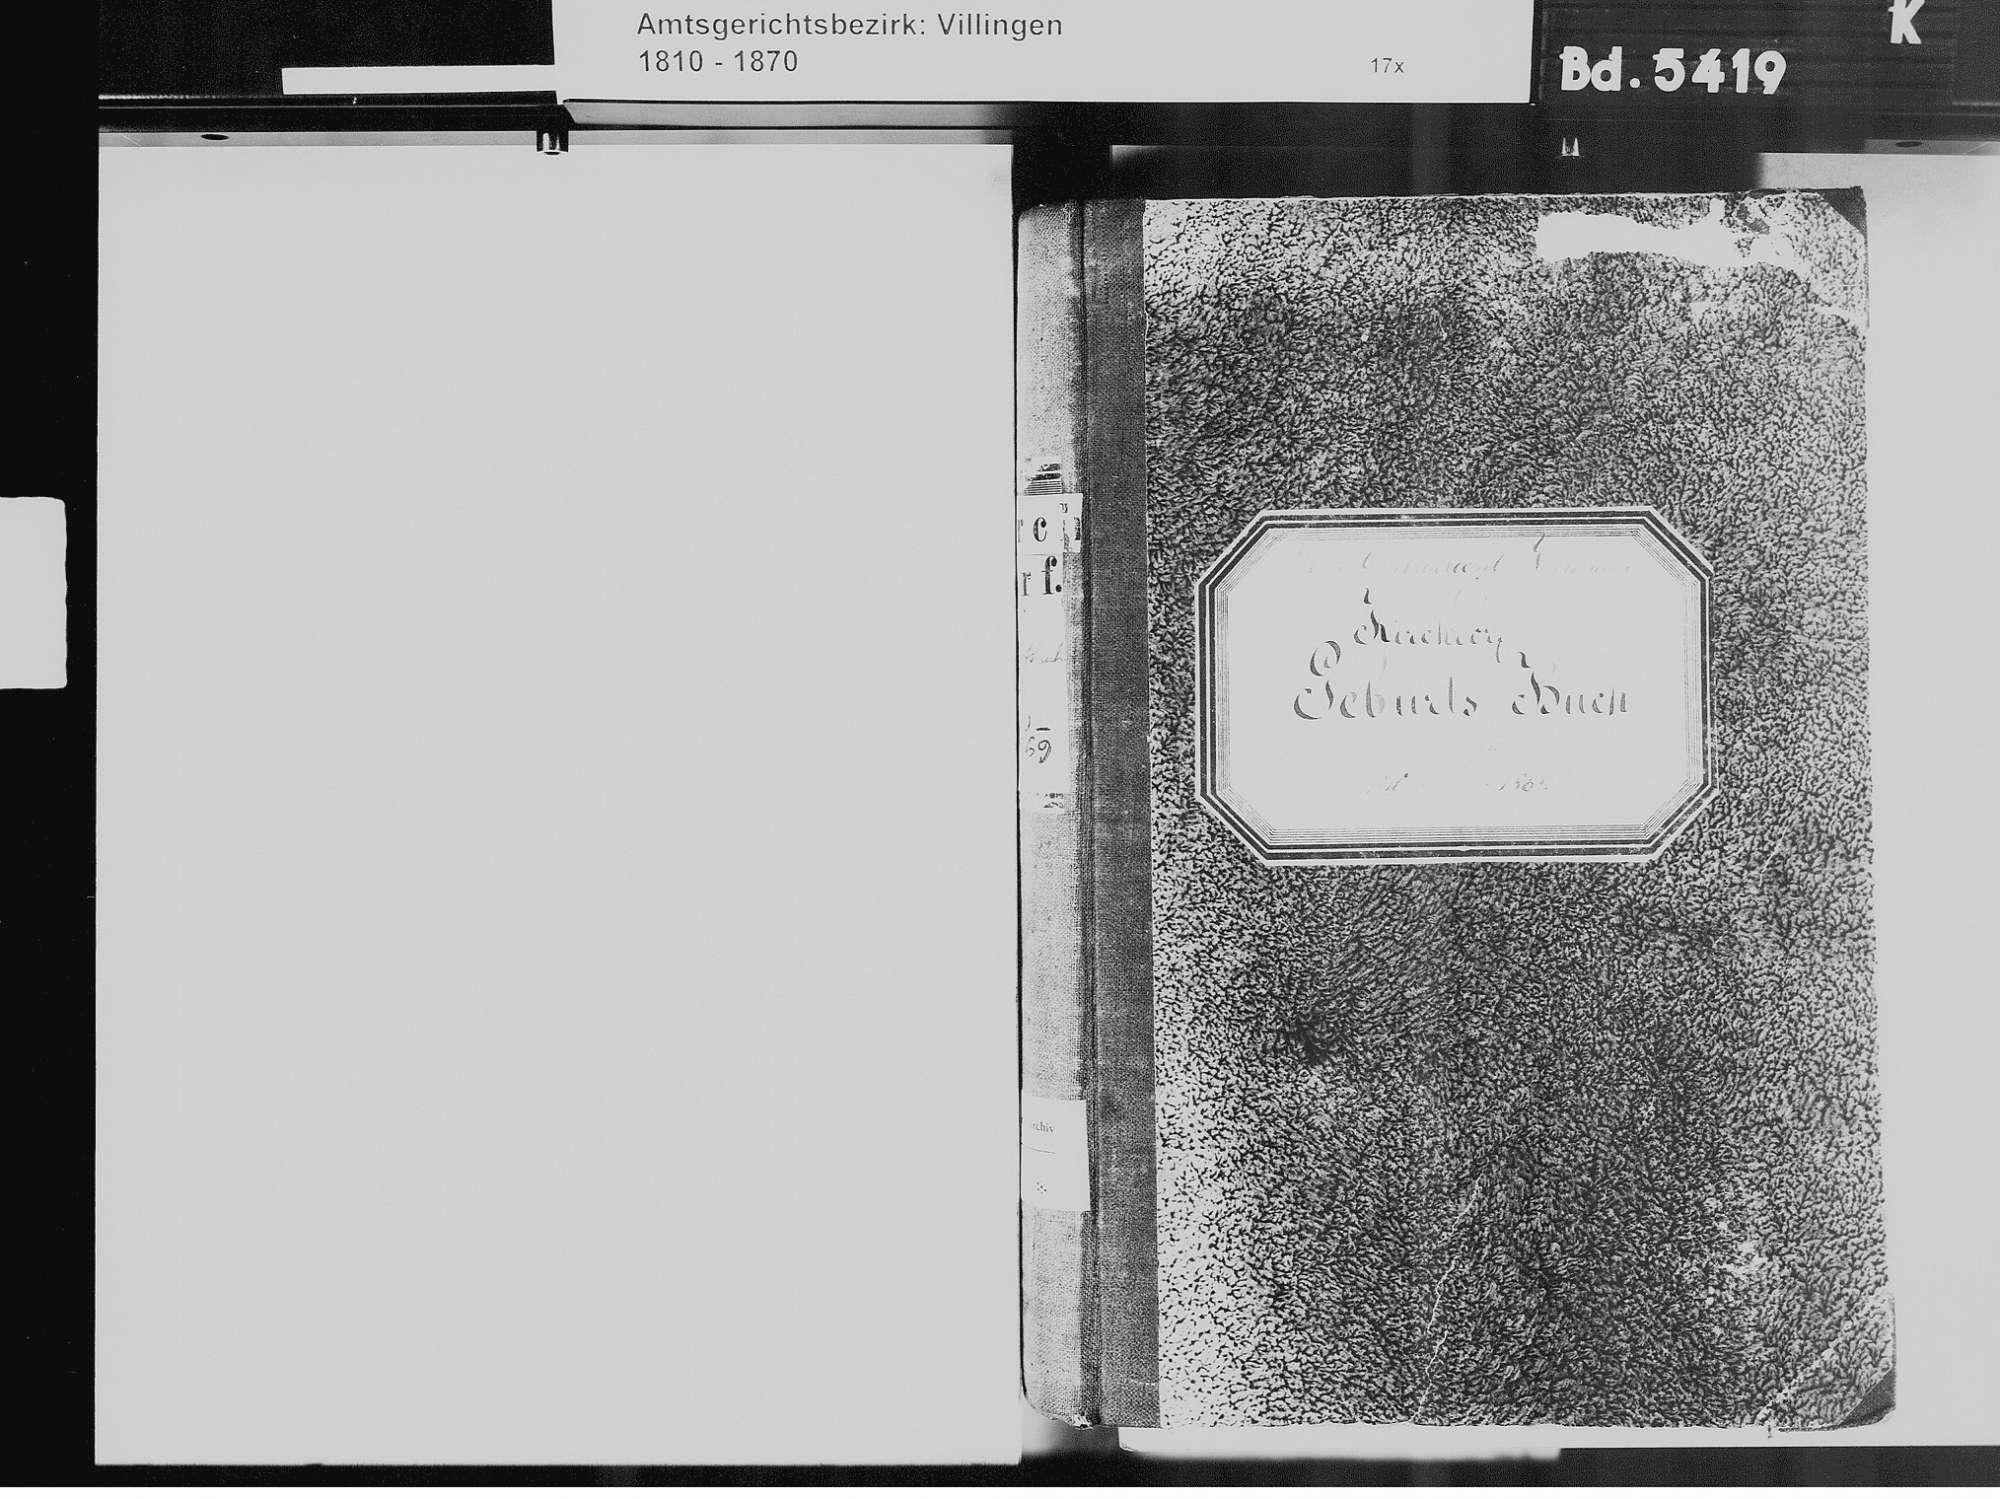 Kirchdorf, Brigachtal VS; Katholische Gemeinde: Geburtenbuch 1810-1869 Kirchdorf, Brigachtal VS; Katholische Gemeinde: Sterbebuch 1819, Bild 3